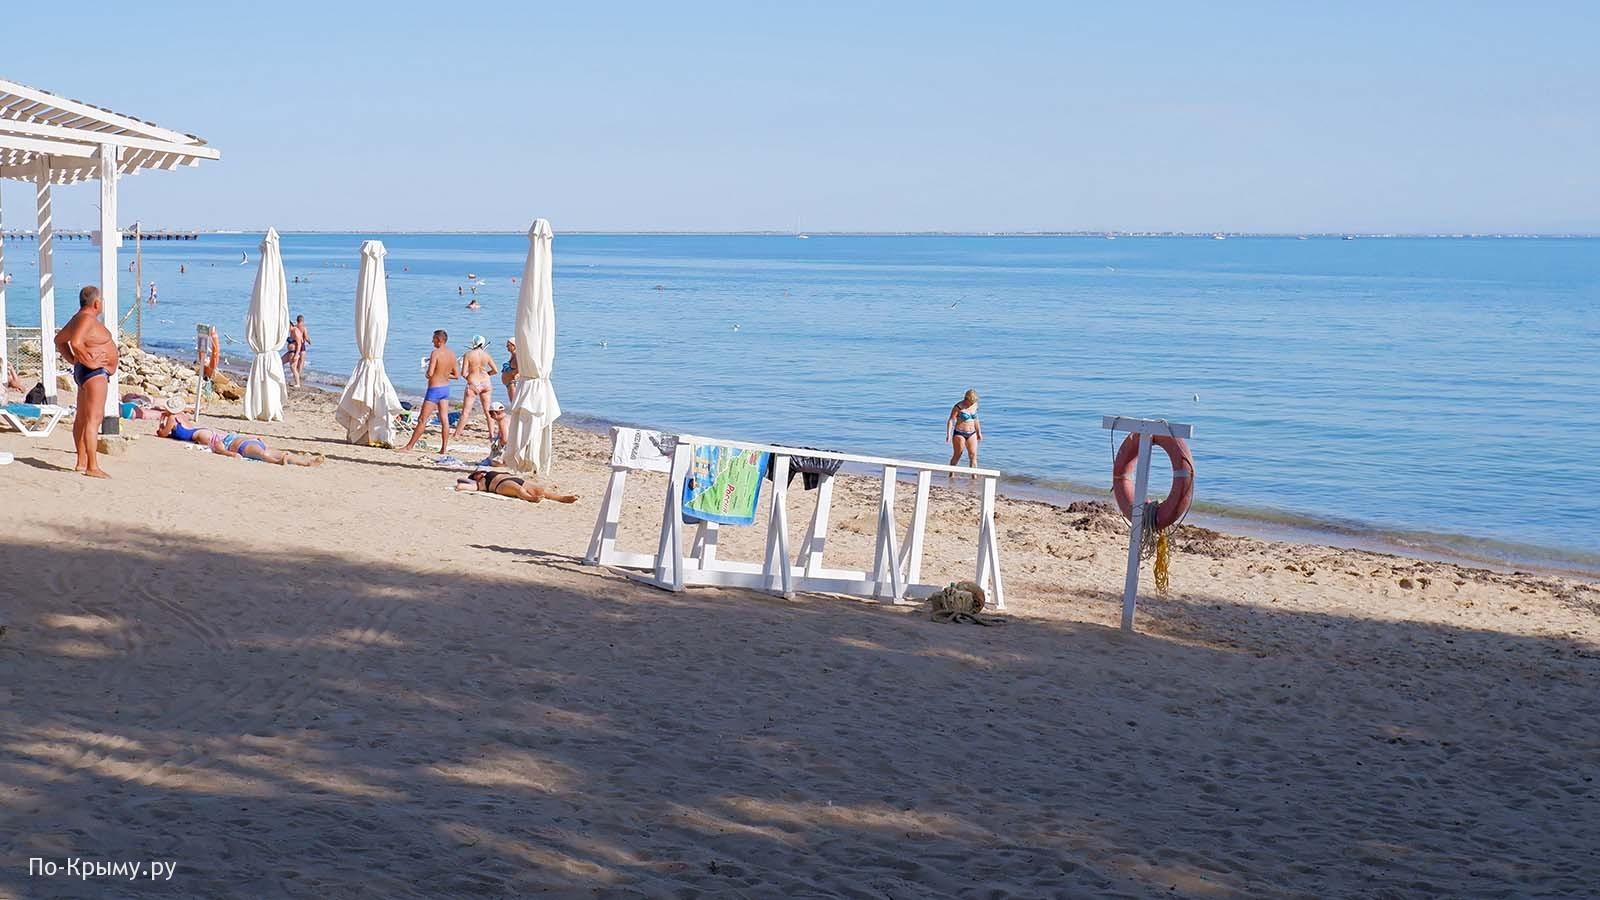 Пляж общего пользования ЕВ-026 в Евпатории